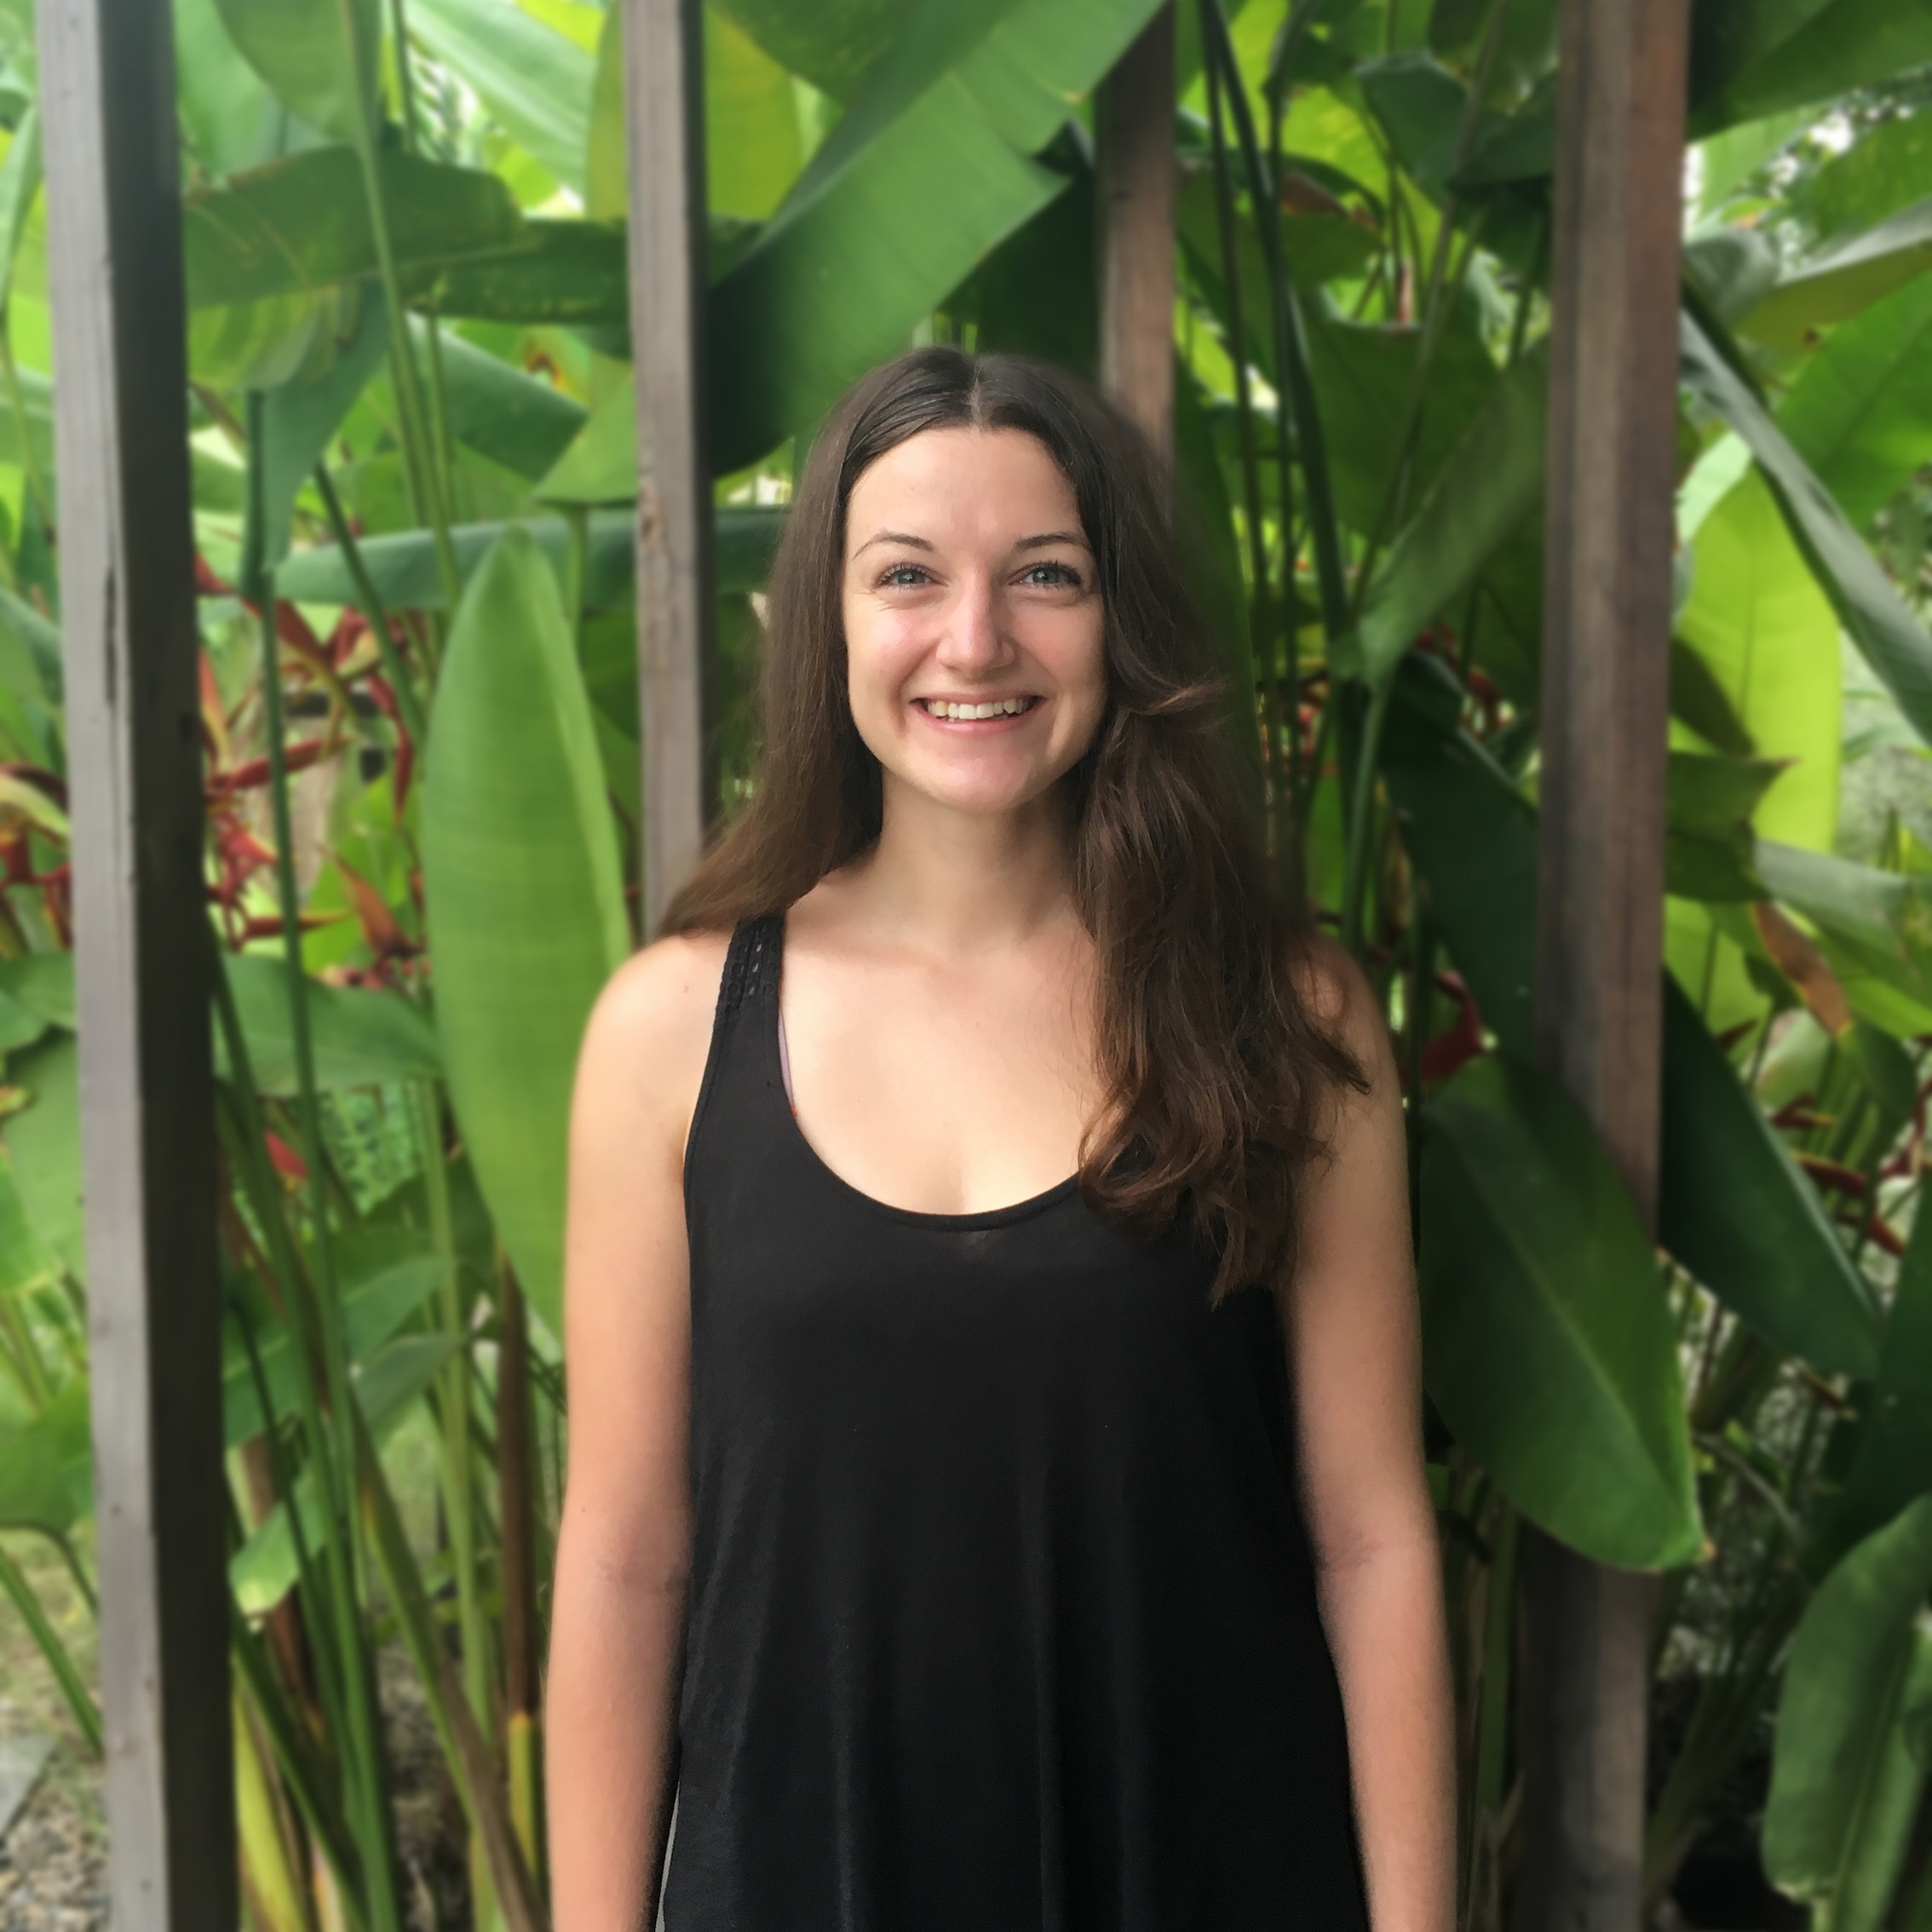 Rachel-Bilski-yoga-teacher.jpg